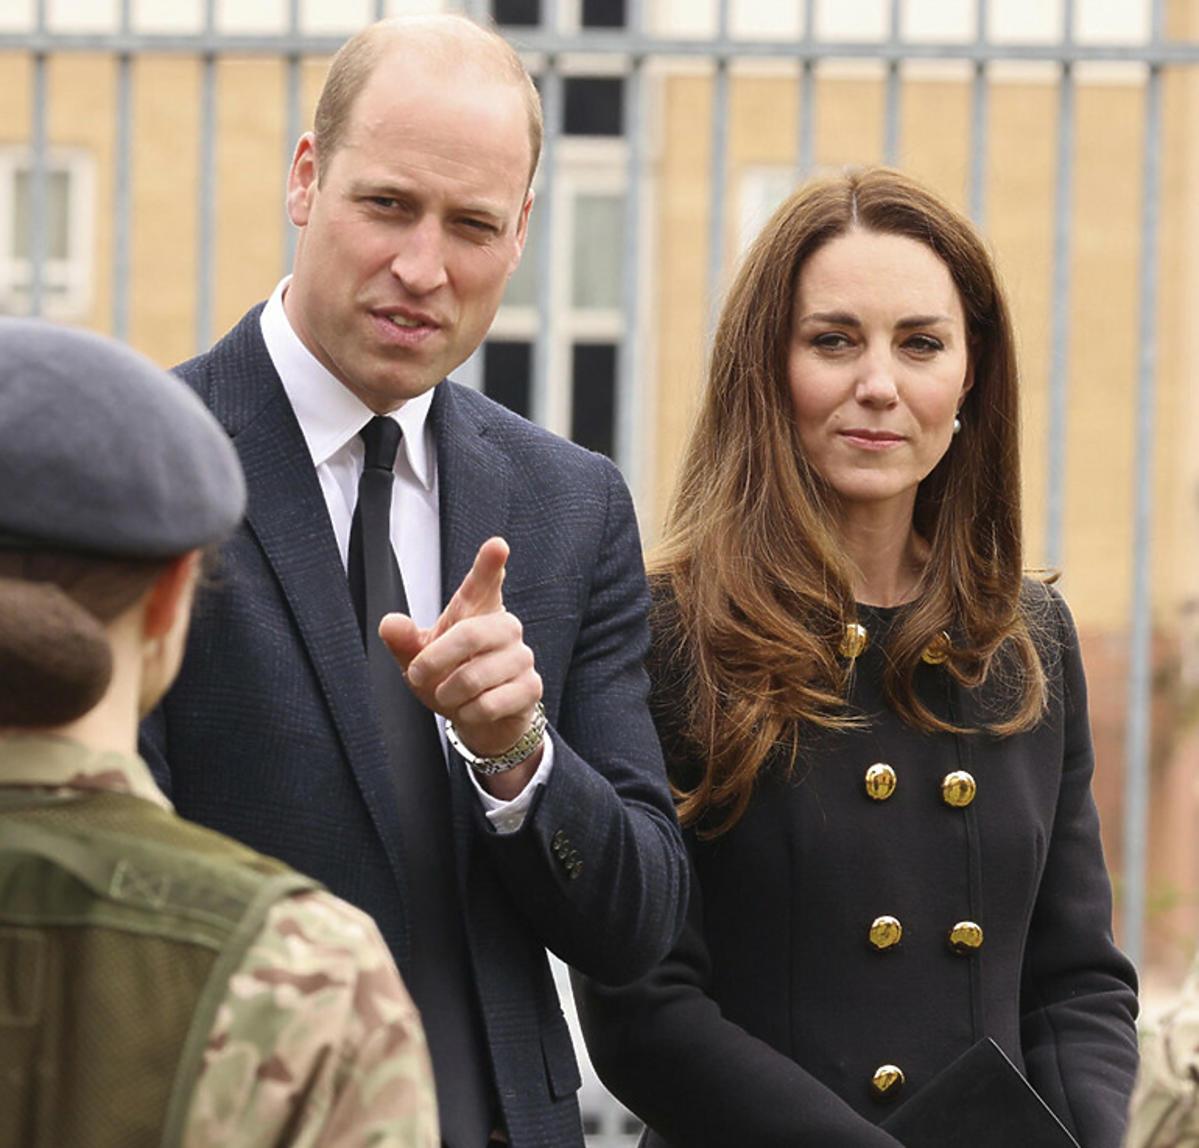 Książę William i księżna Kate w czarnych stylizacjach pierwszy raz po pogrzebie księcia Filipa